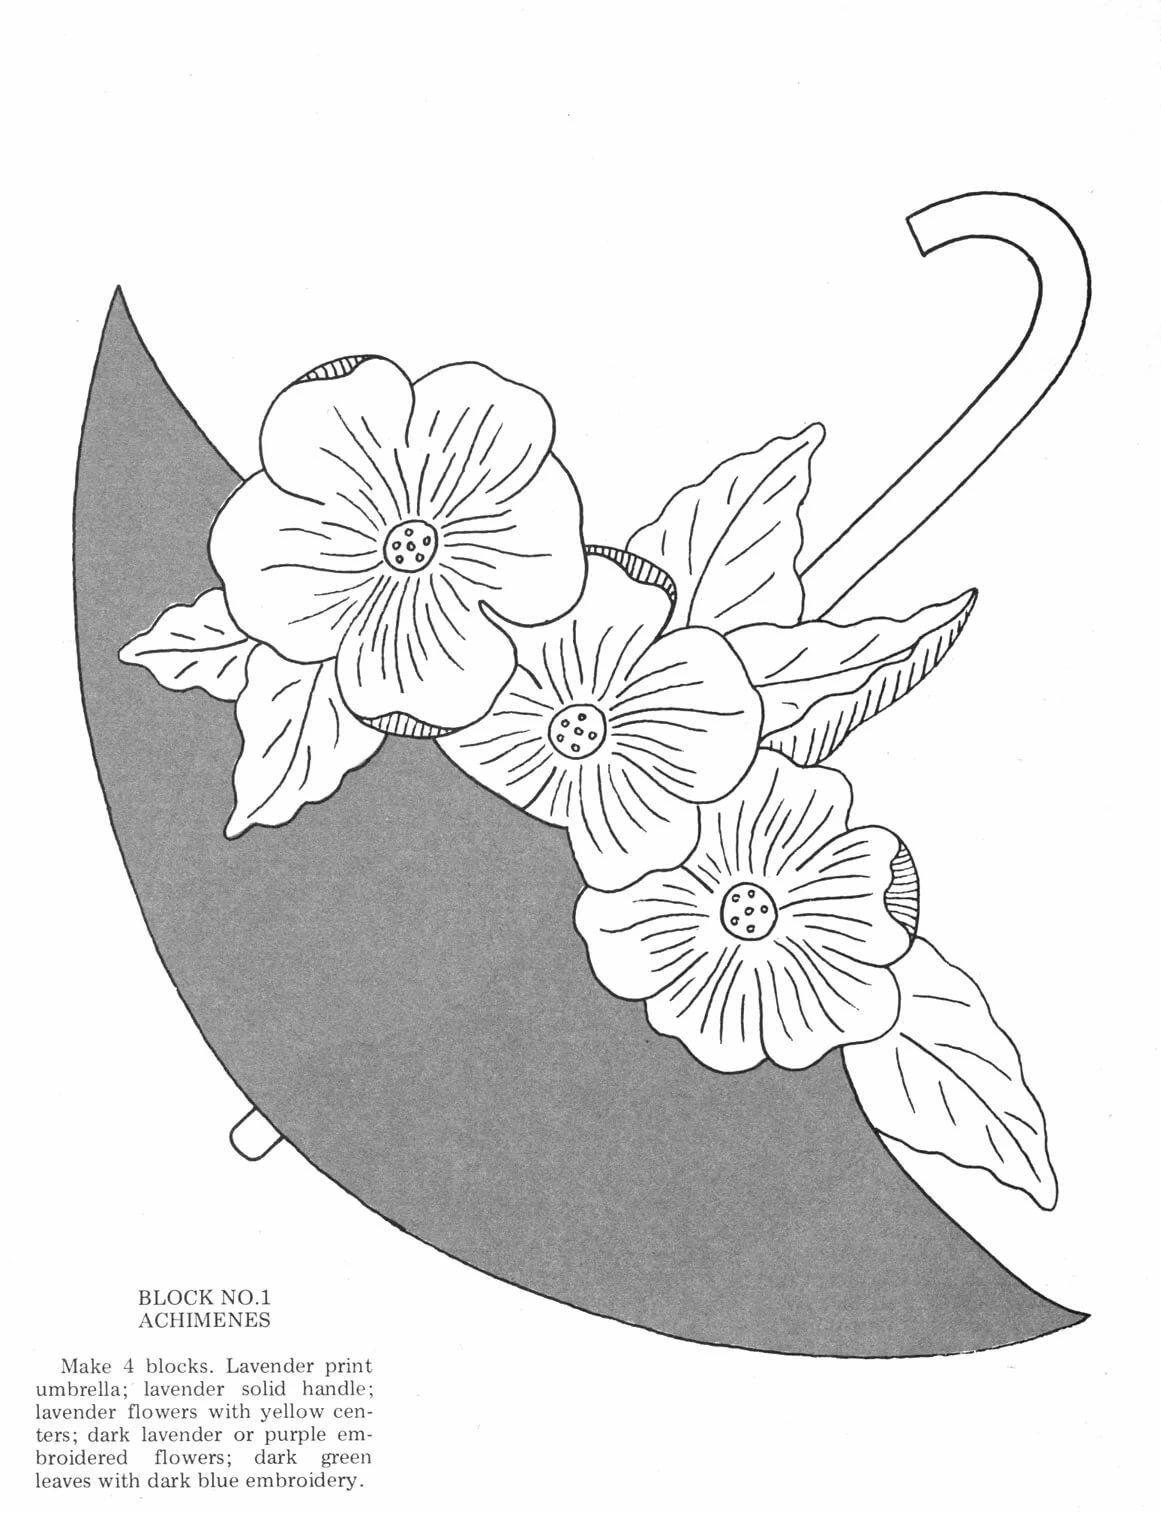 счастливчики, которые открытки вырезанные из бумаги цветы и шаблоны к ним астрологии отвечает голову